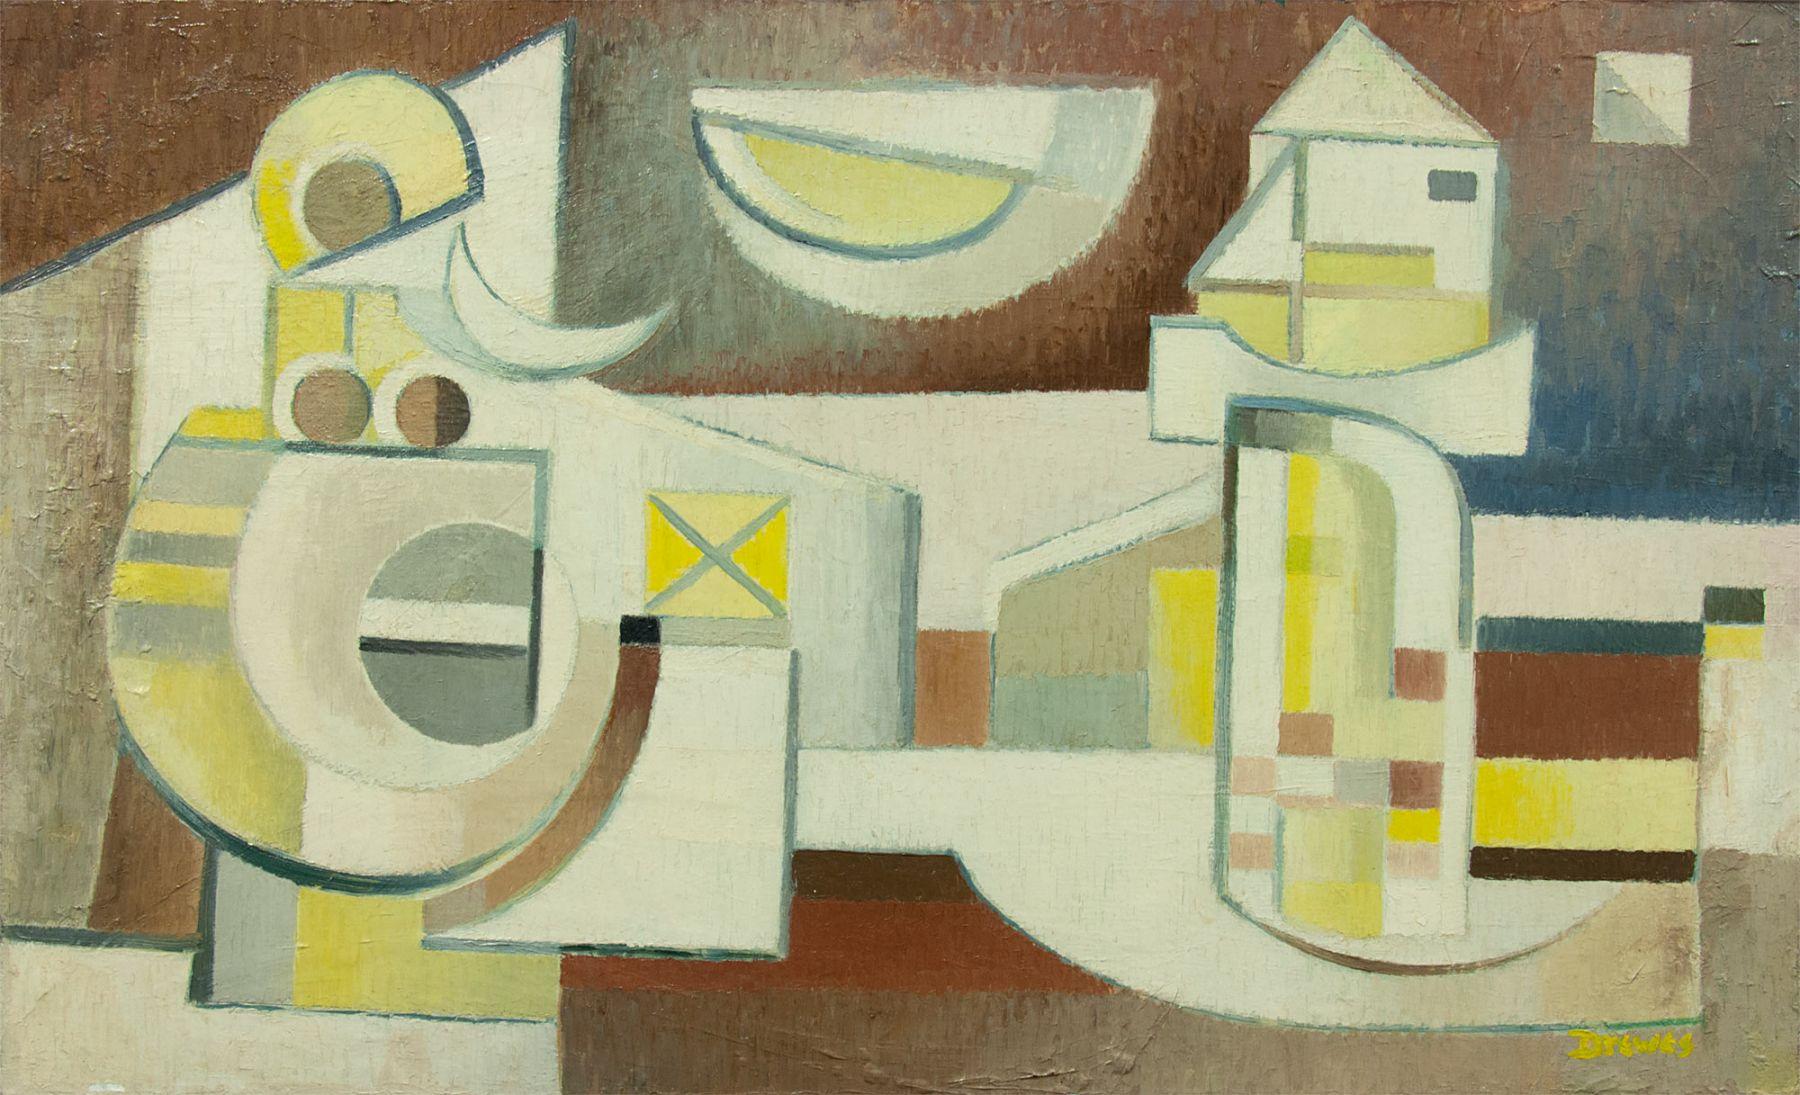 WERNER DREWES (1899-1985), Winter Mummery, 1945